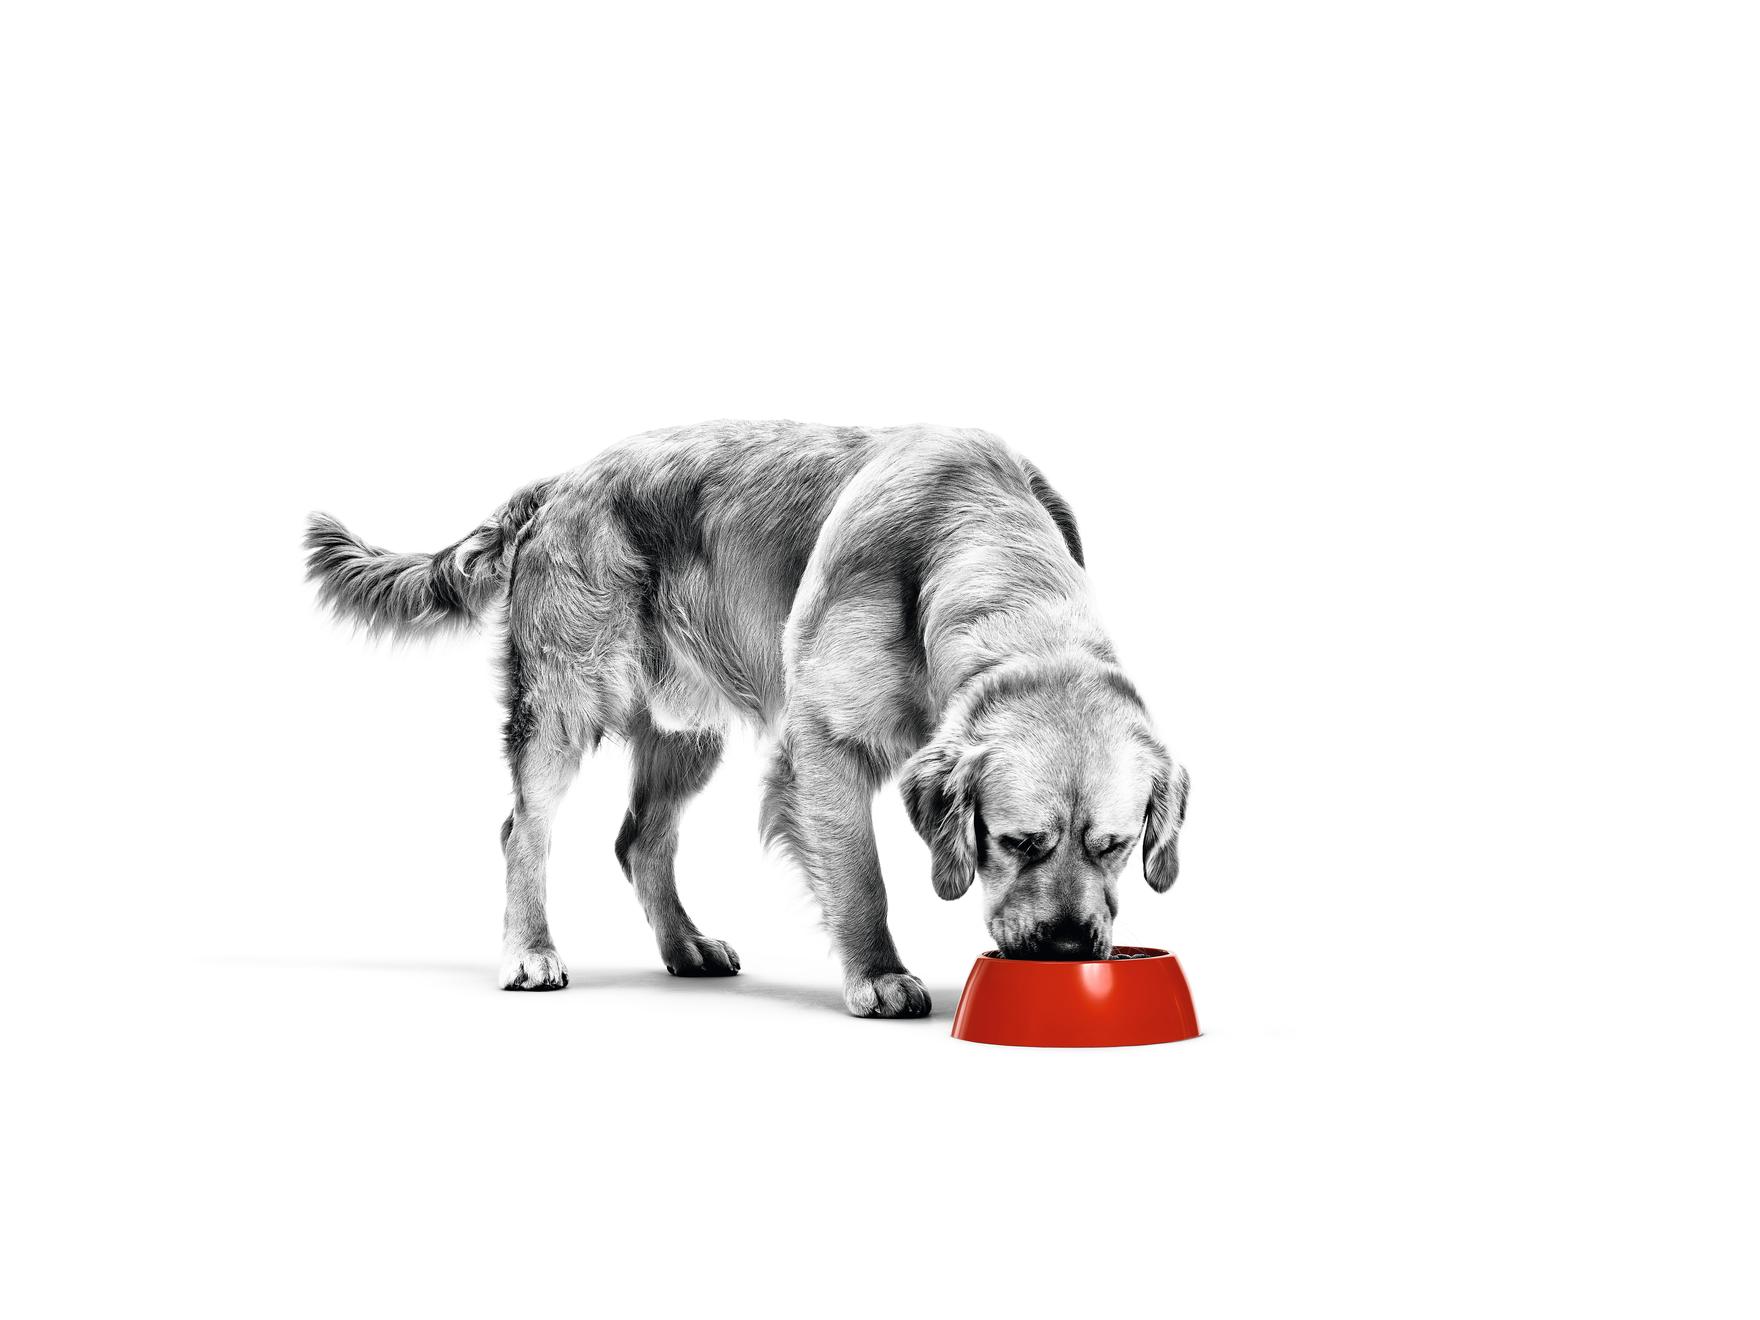 Quelle quantité de nourriture puis-je donner à mon chien ?